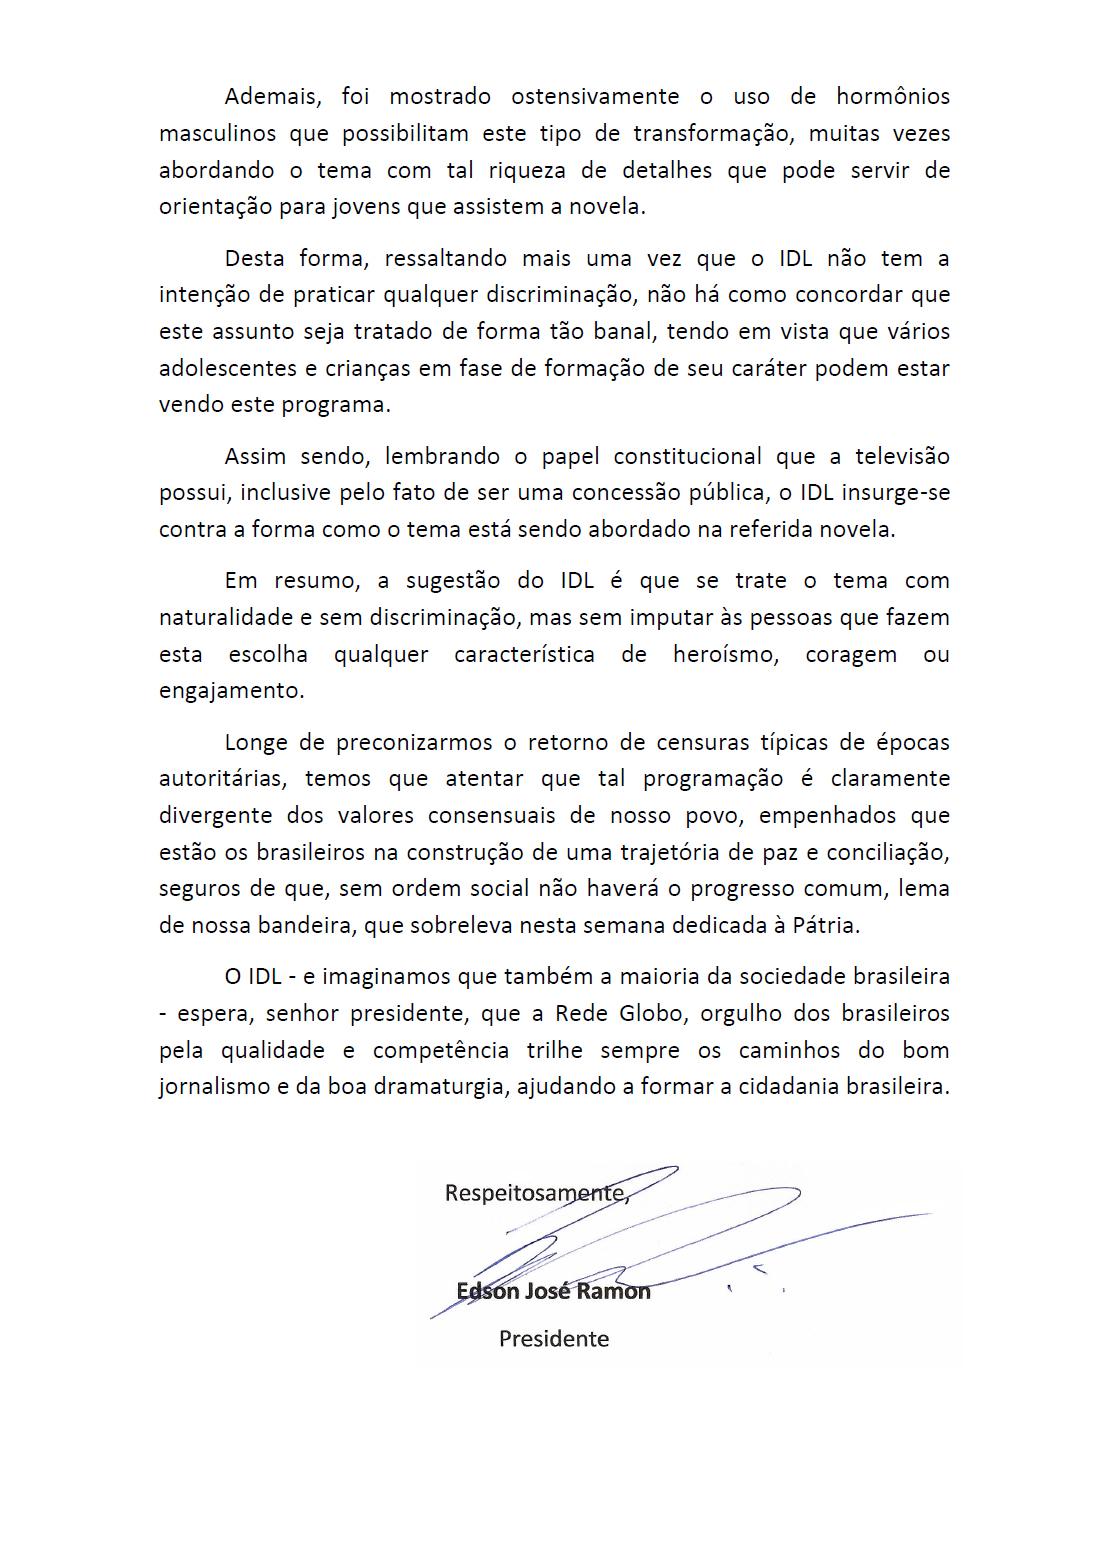 carta-02-impressao